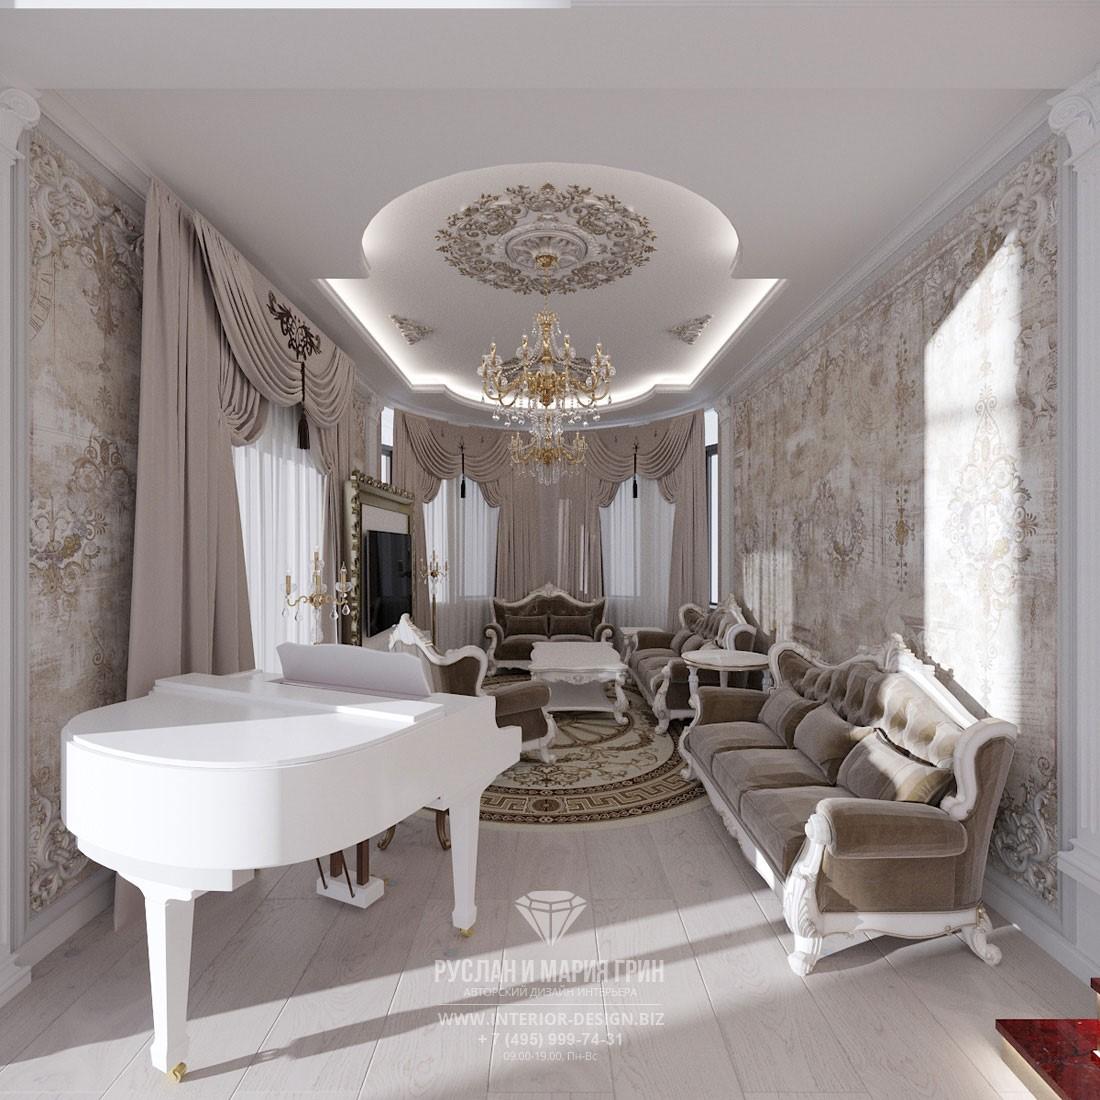 Интерьер светлой гостиной в классическом стиле с фресками